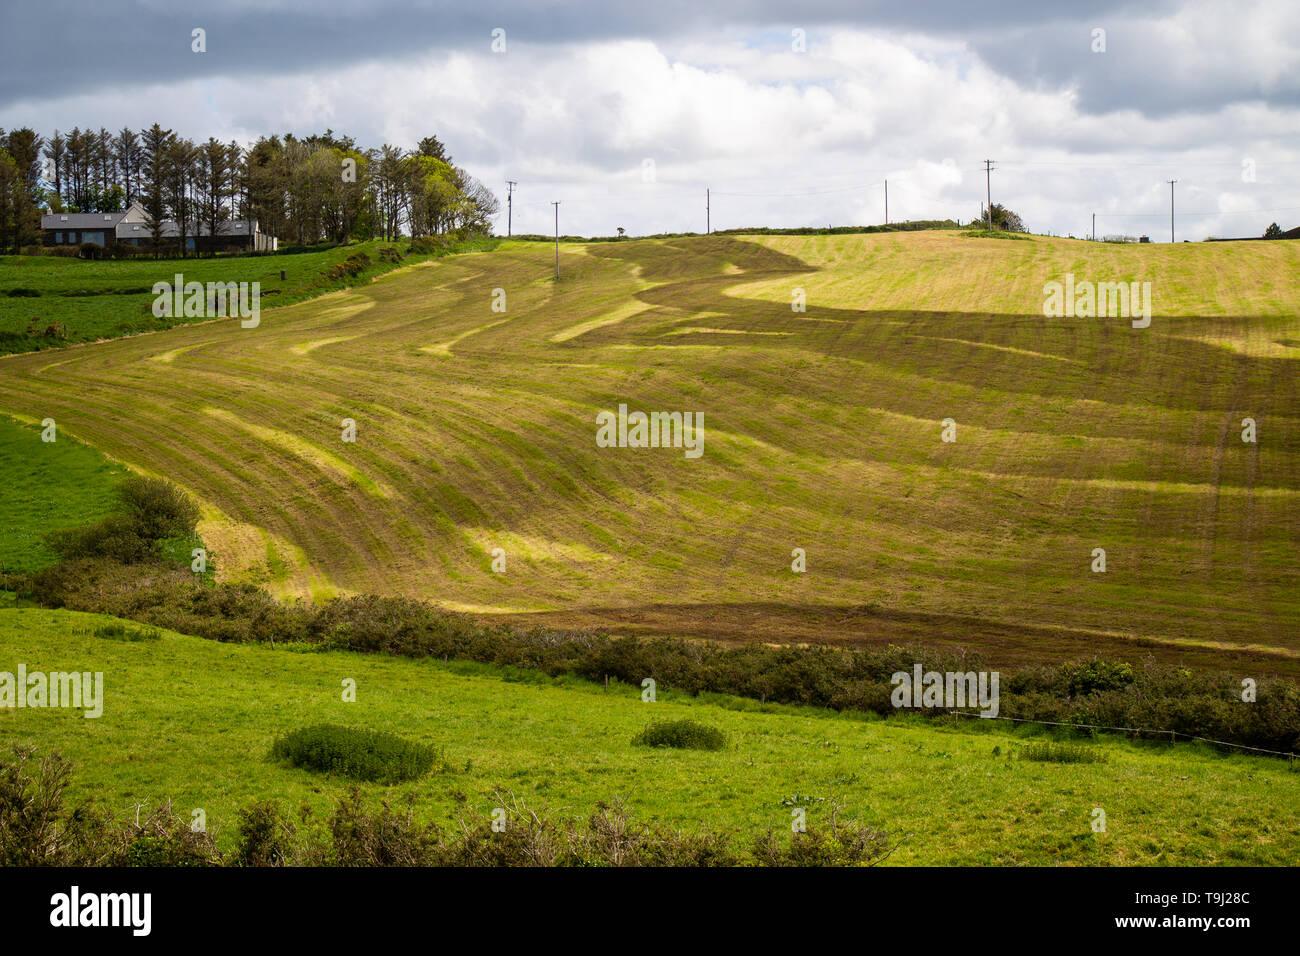 Castlehaven, West Cork, Irlanda, 19 de mayo de 2019, los patrones de rayas oscuras en un campo agrícola son el resultado de estiércol líquido después del ensilaje ha sido cortado. La agricultura Irelands es su principal contribuyente a las emisiones de gases de efecto invernadero. Crédito/ aphperspective Alamy Live News Foto de stock